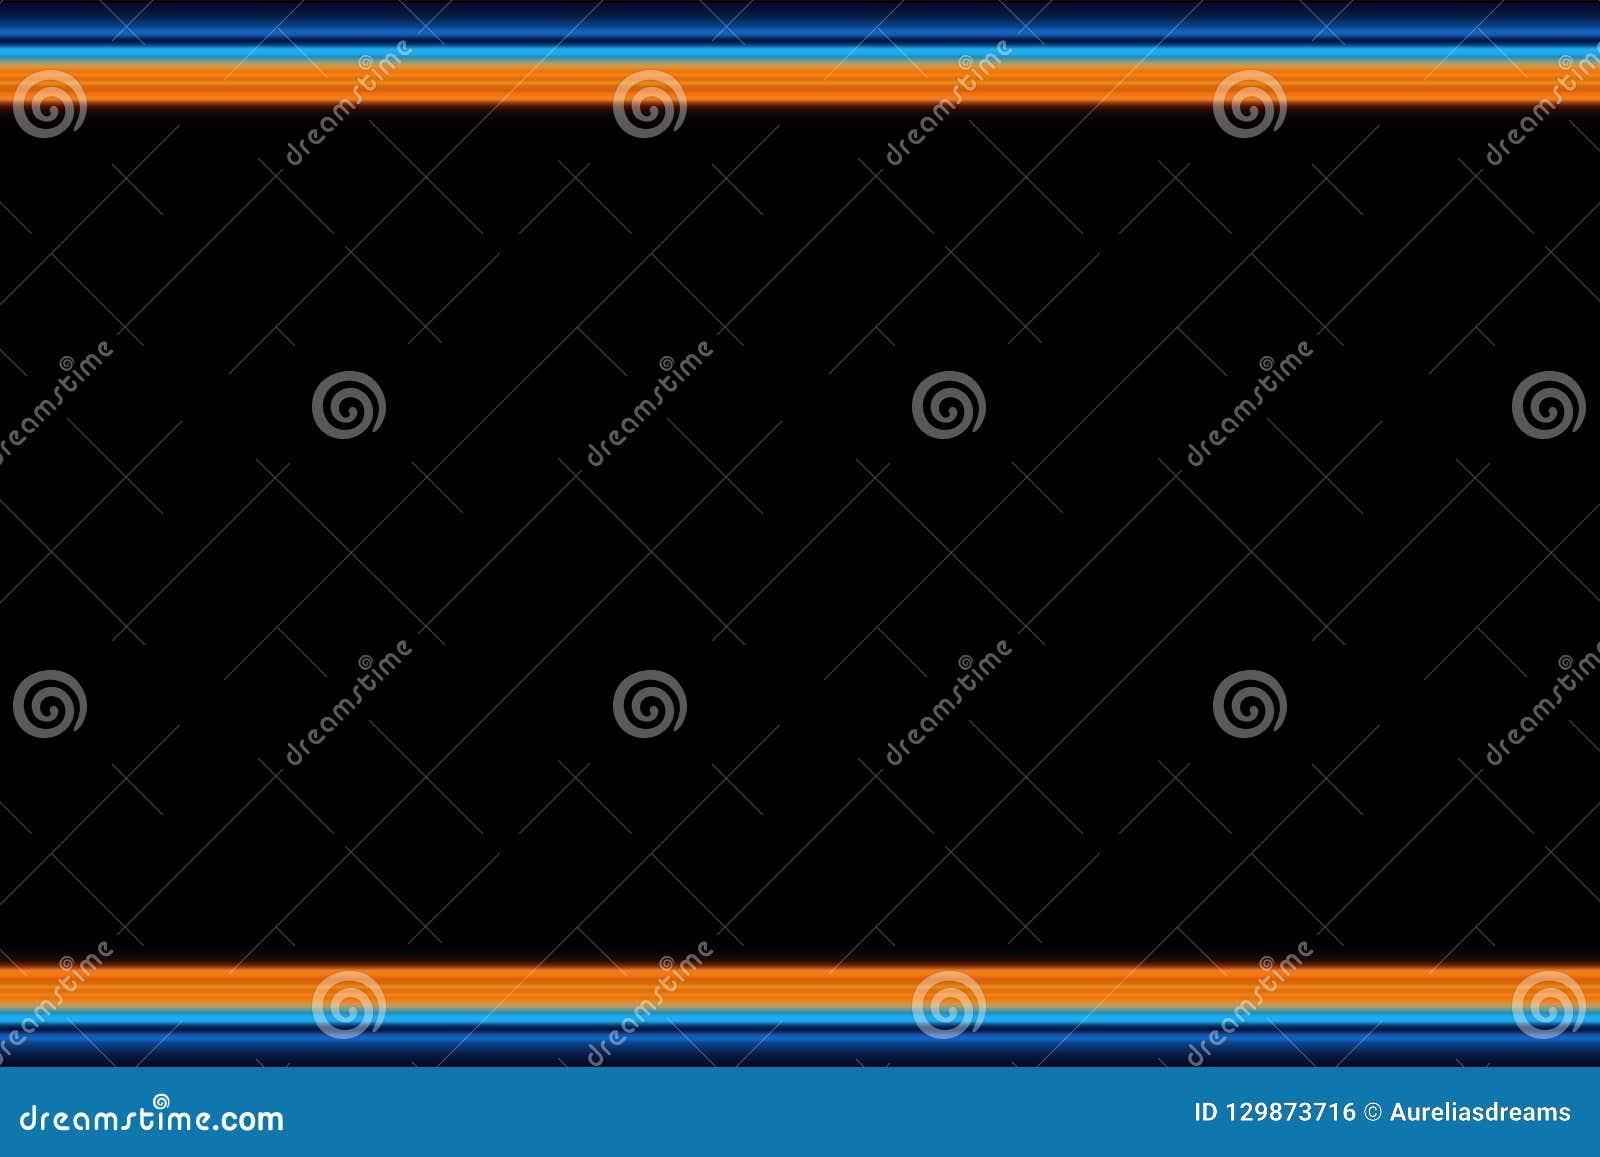 Lineas horizontales brillantes fondo, textura del extracto olorful del ¡de Ð en tonos anaranjados y azules